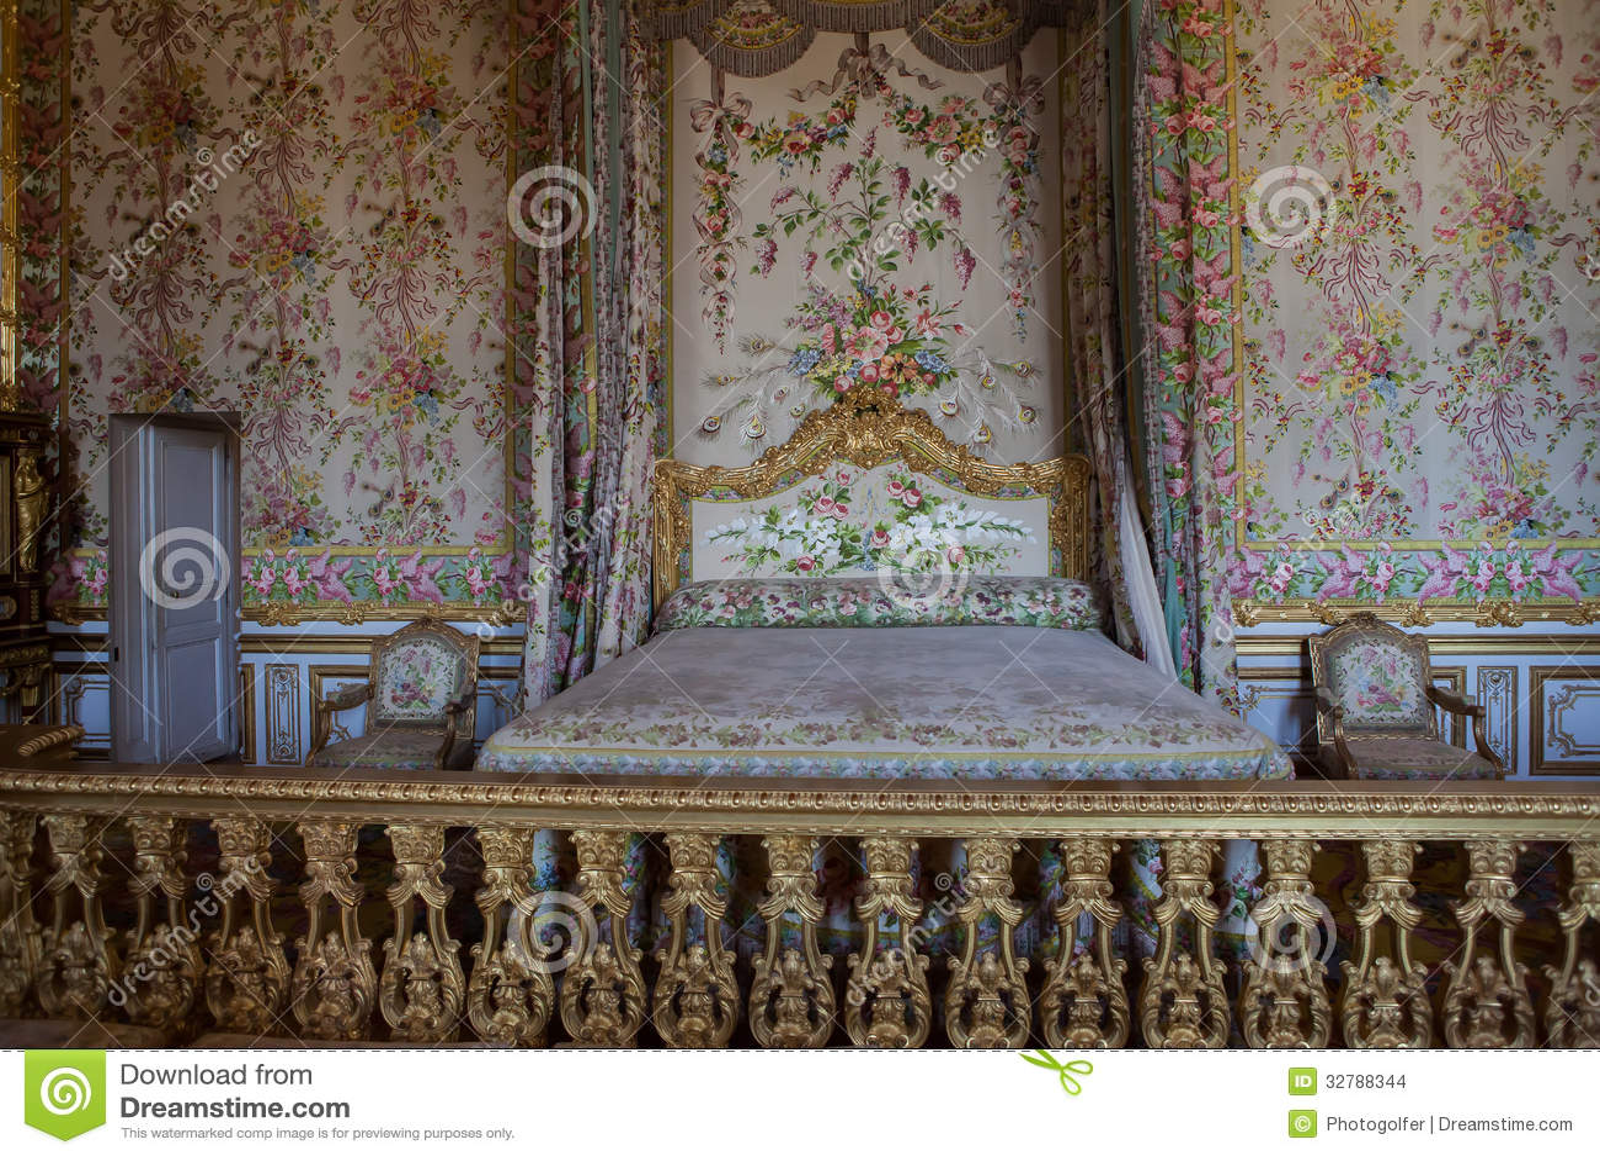 Chambre coucher de la reine ch teau de versailles for Chambre de la reine versailles